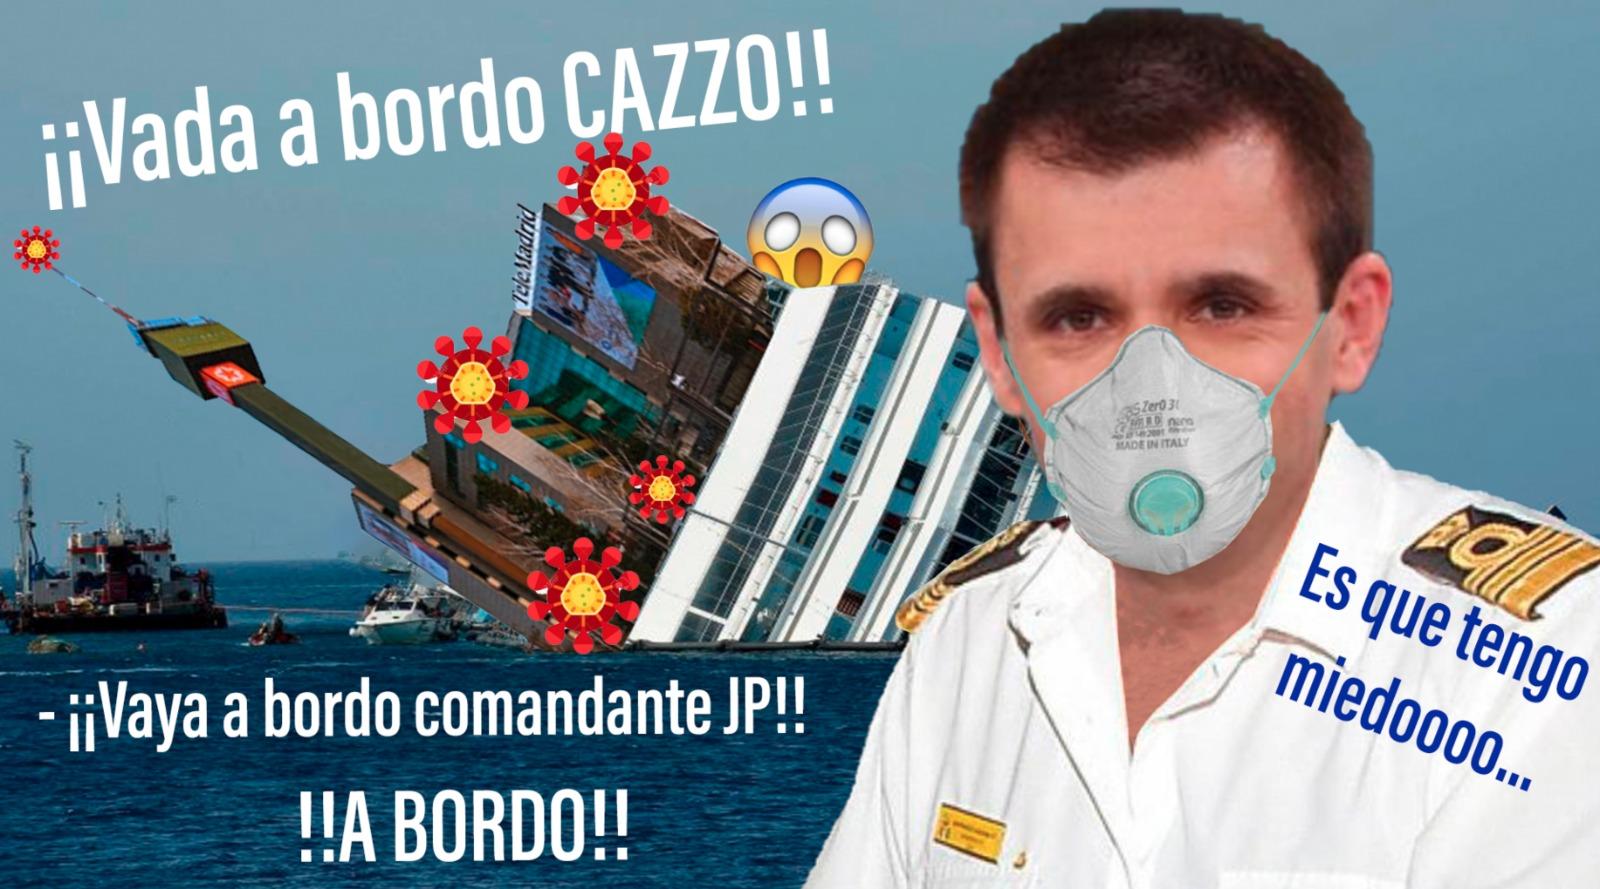 El director general de Telemadrid se queda en su casa por miedo al coronavirus y las redes lo crujen a memes